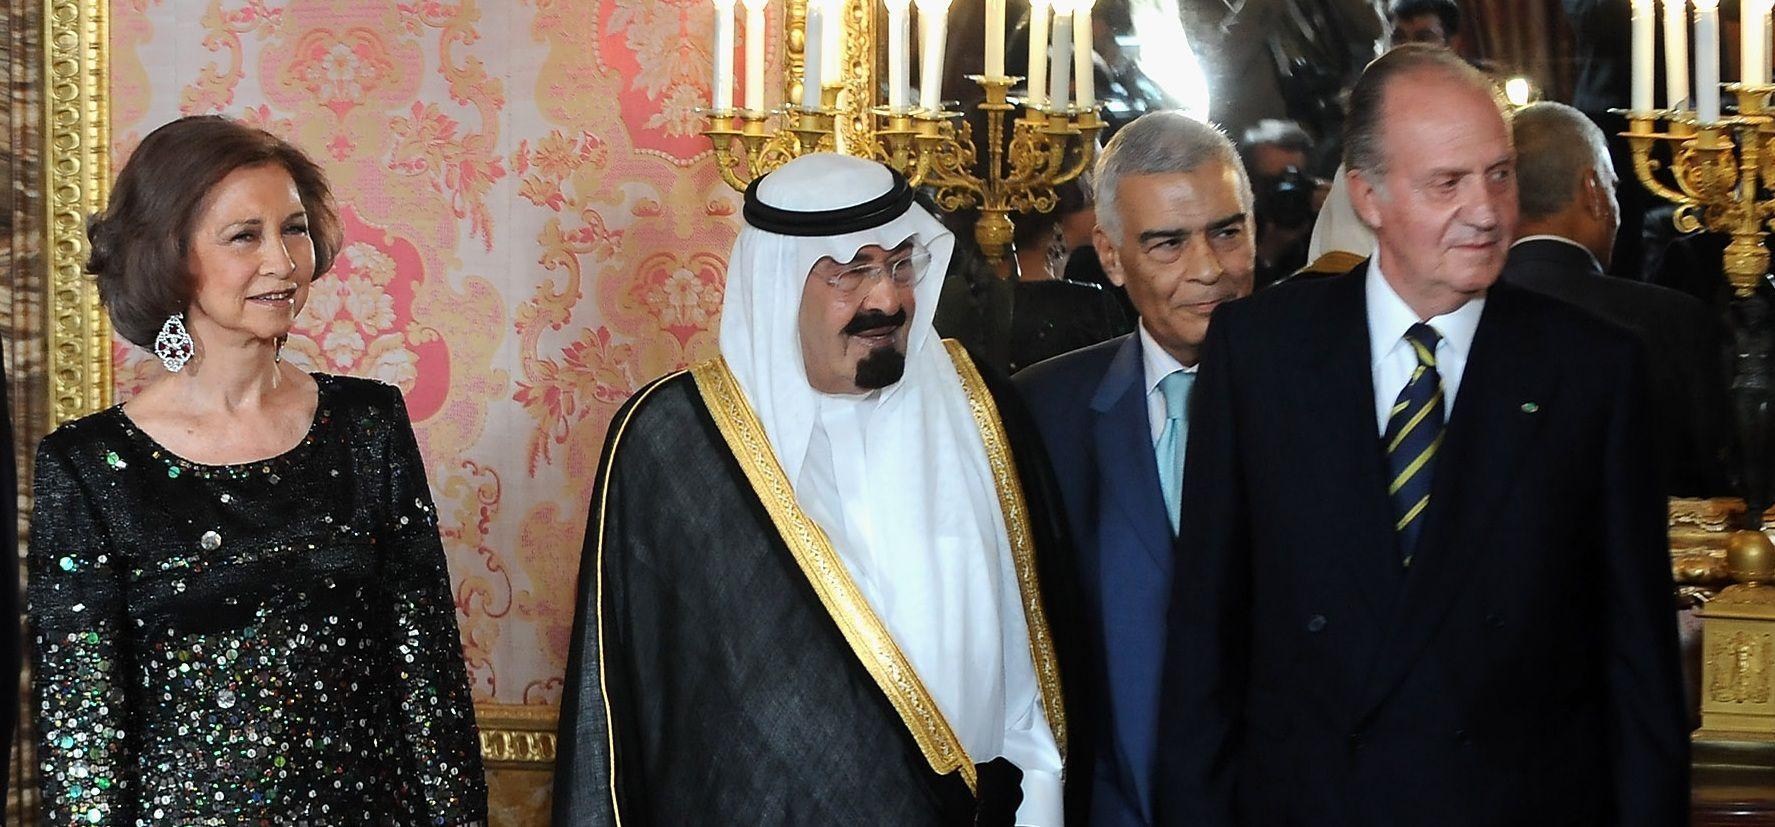 España tiene muy buenas relaciones con Arabia Saudí (monarquía absoluta). ¿Qué comentarios tienes?